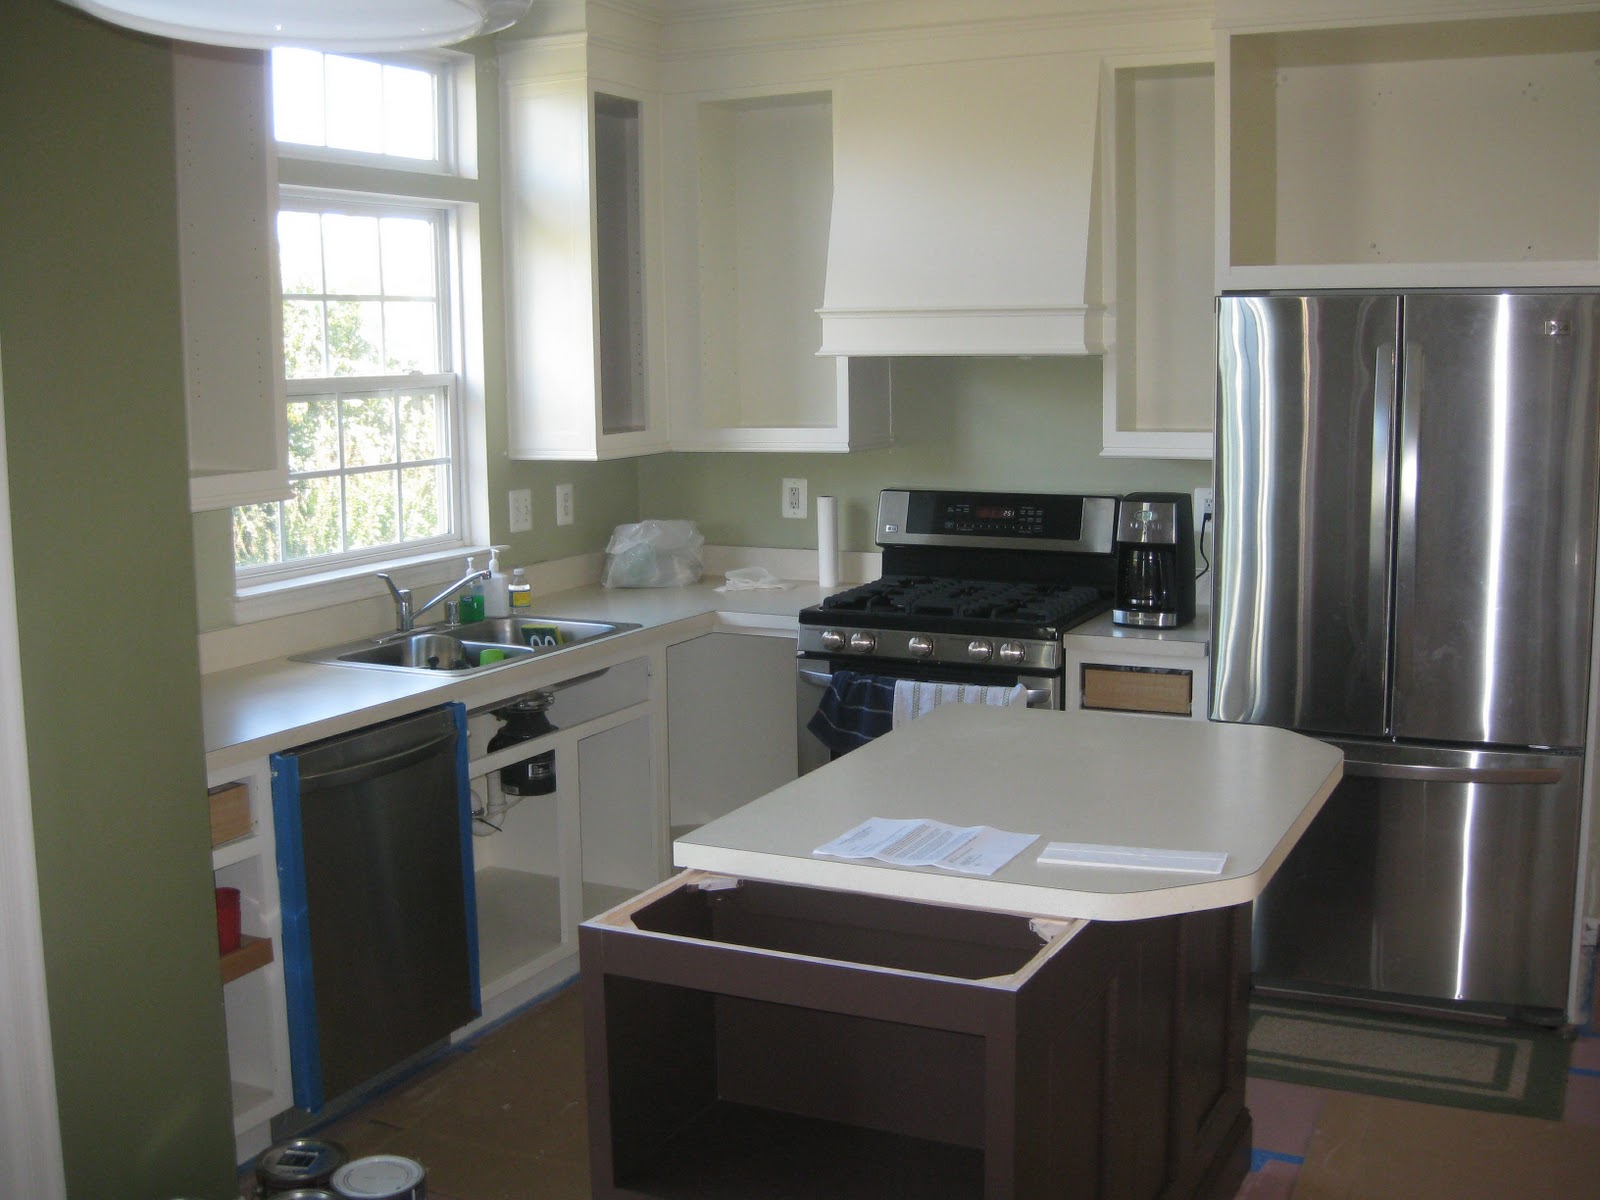 Cmo Instalar Gabinetes De Cocina Molduras De Corona » Home Design  #35475D 1600x1200